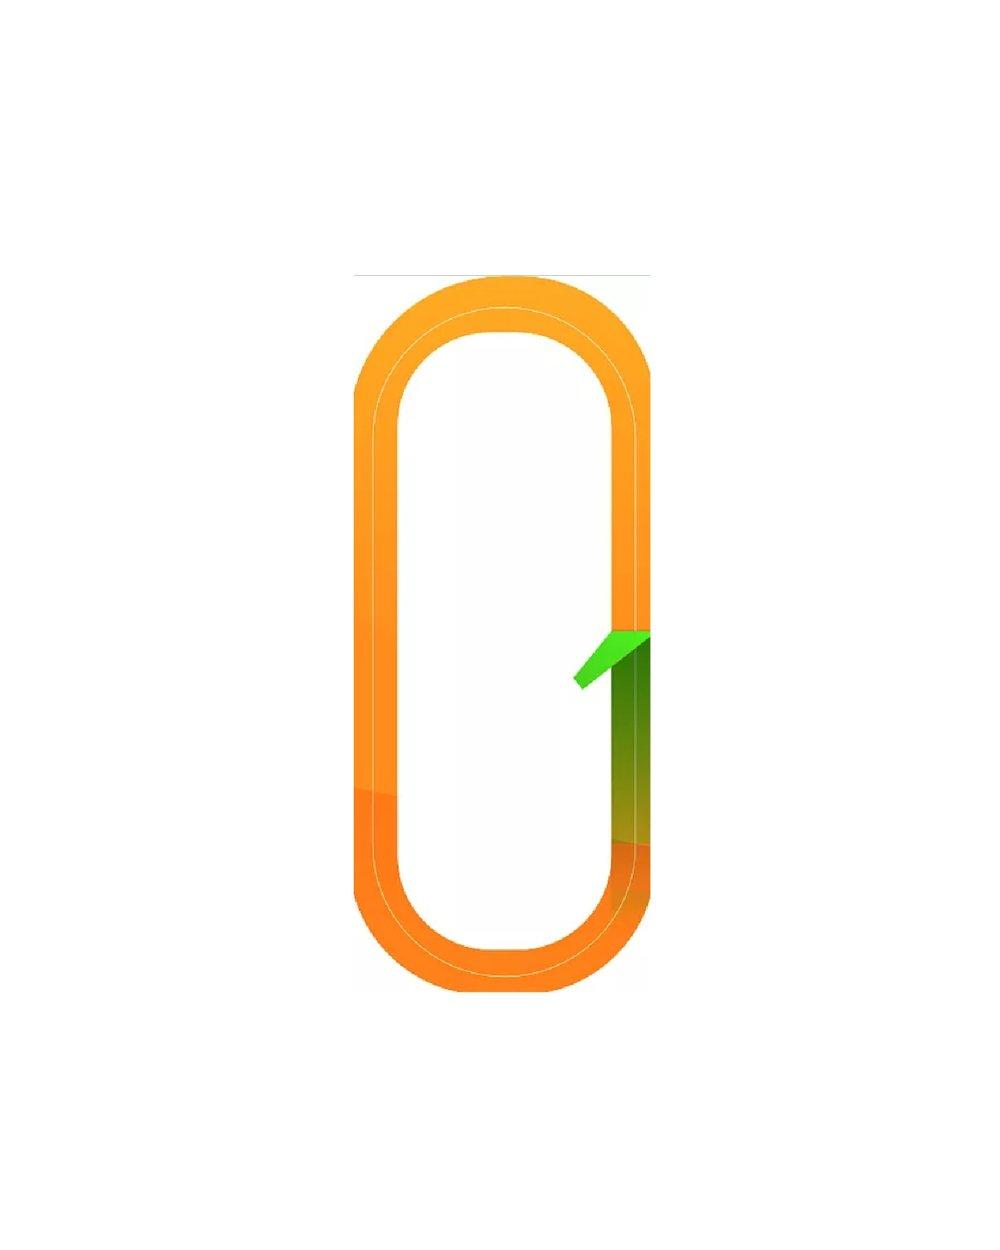 Commande de logo pour une entreprise écologique dans le domaine du recyclage -